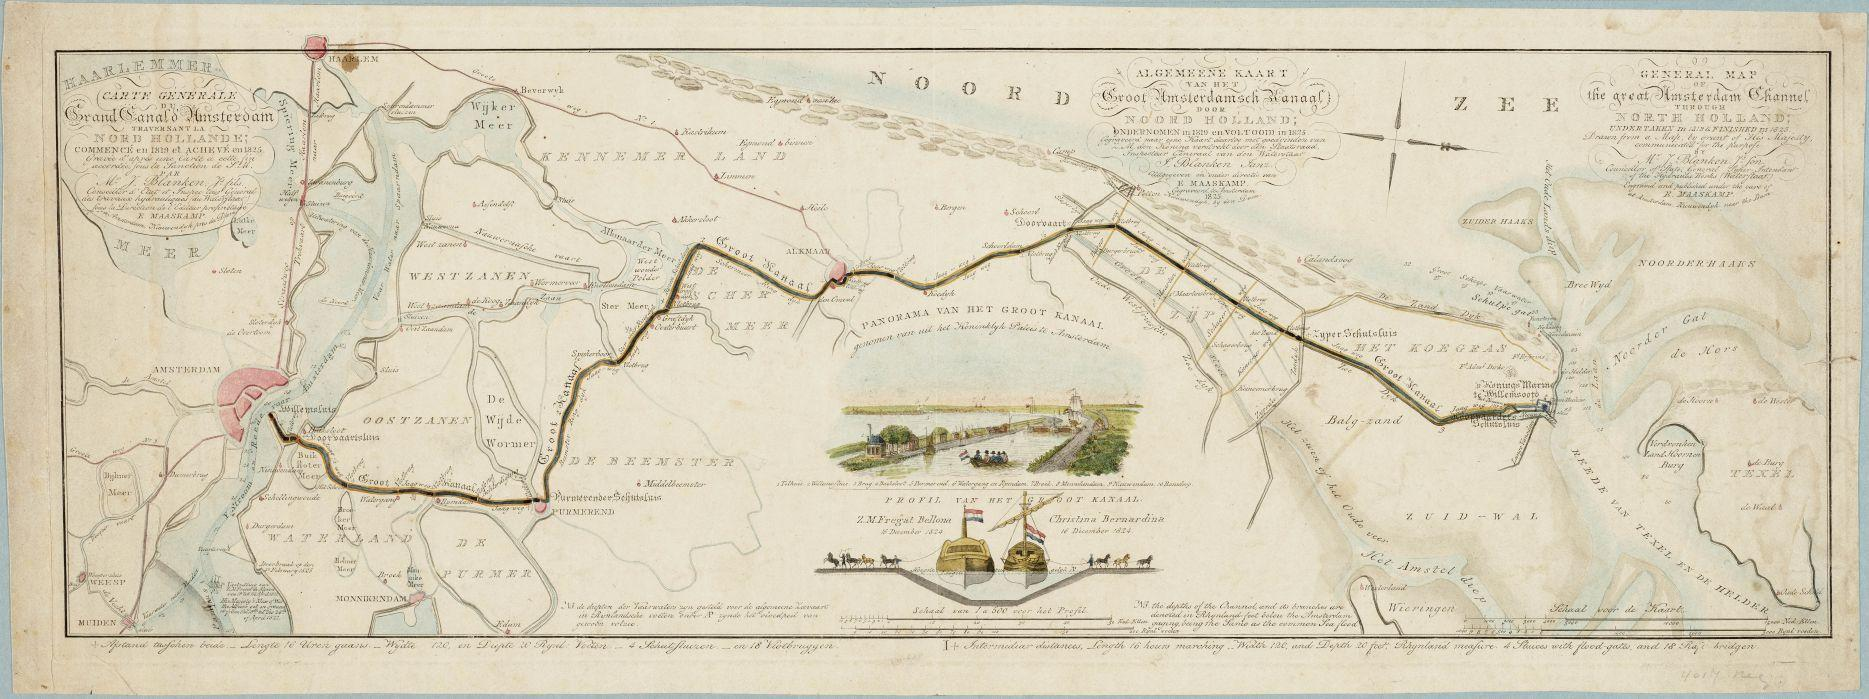 De loop van het Noordhollands Kanaal, 1876.